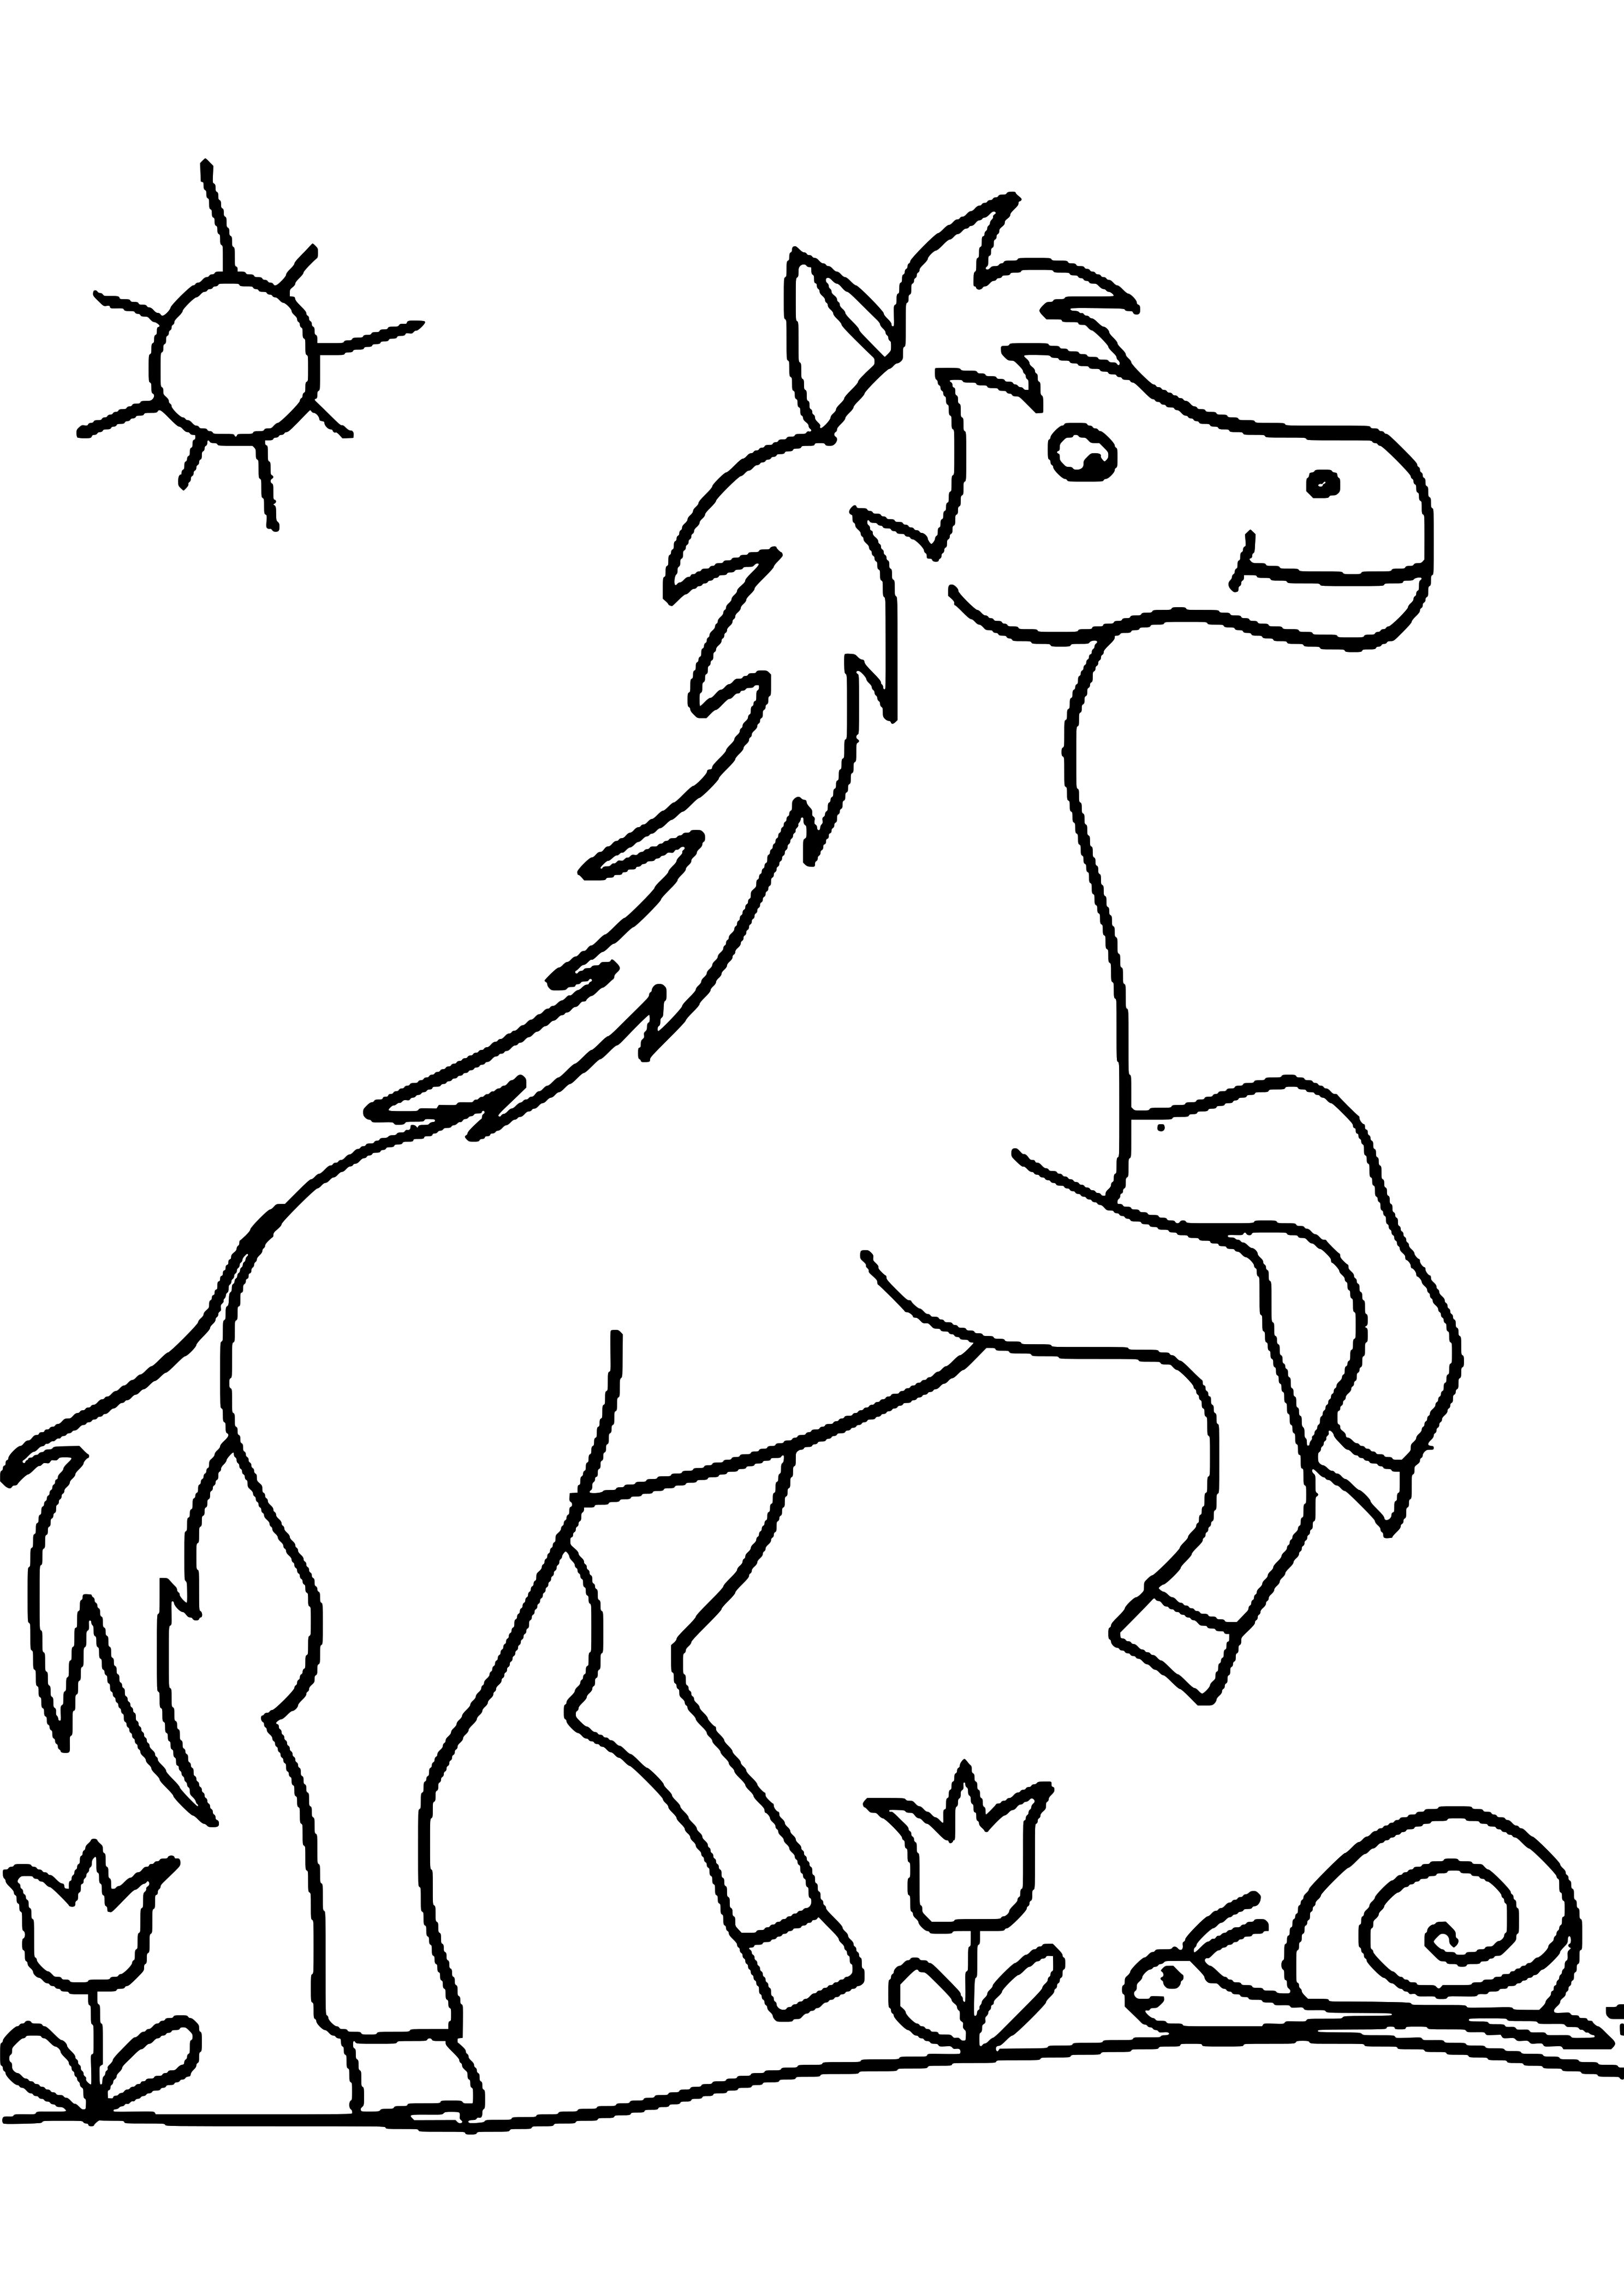 Ausmalbilder Pferde Im Schnee Ausmalbilder Pferde Malvorlagen Pferde Ausmalbilder